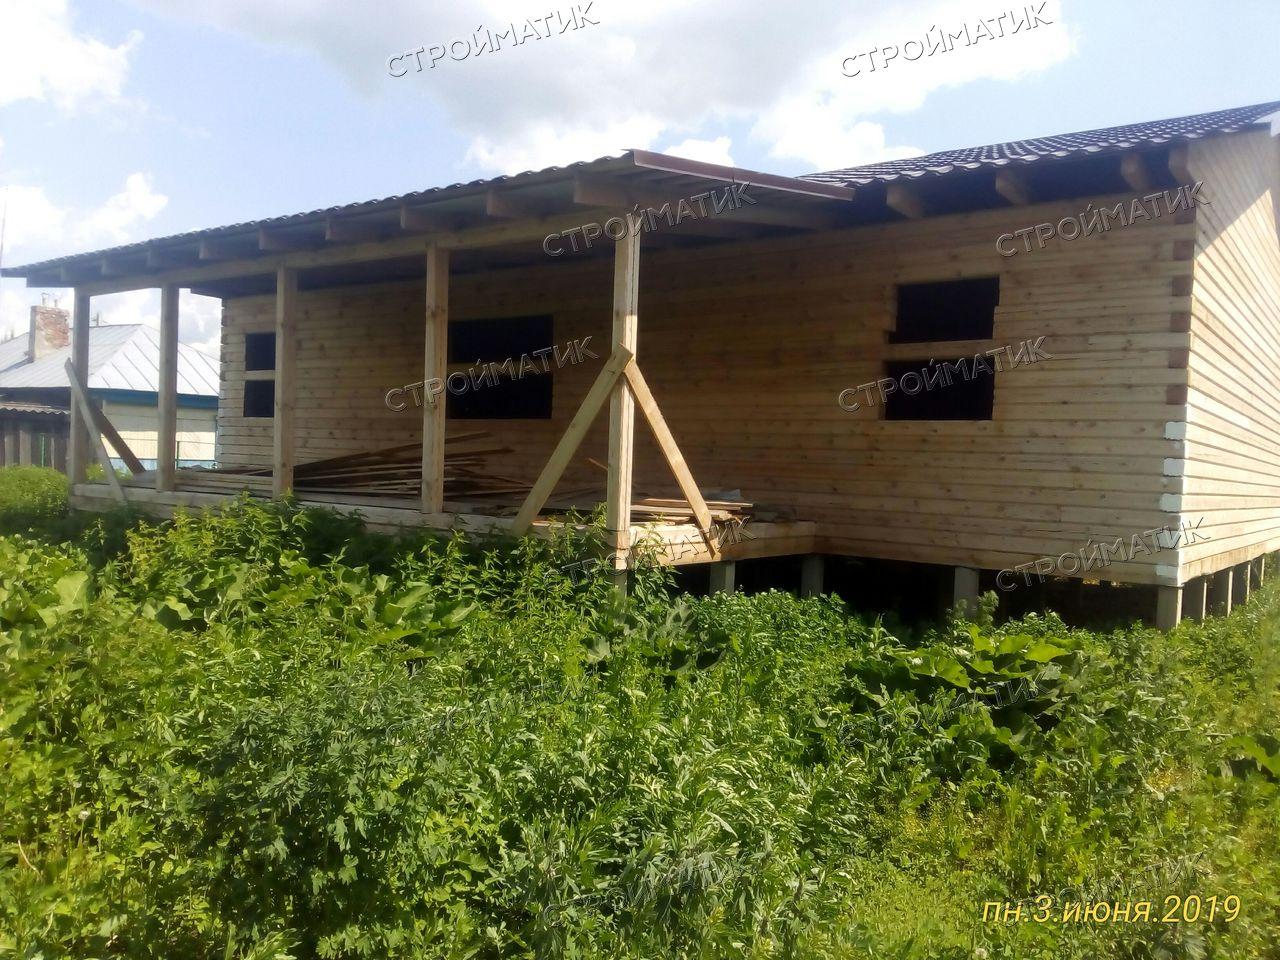 Фундамент на забивных ж/б сваях для дома из бруса в селе Дубовое, город Чаплыгин Липецкой области